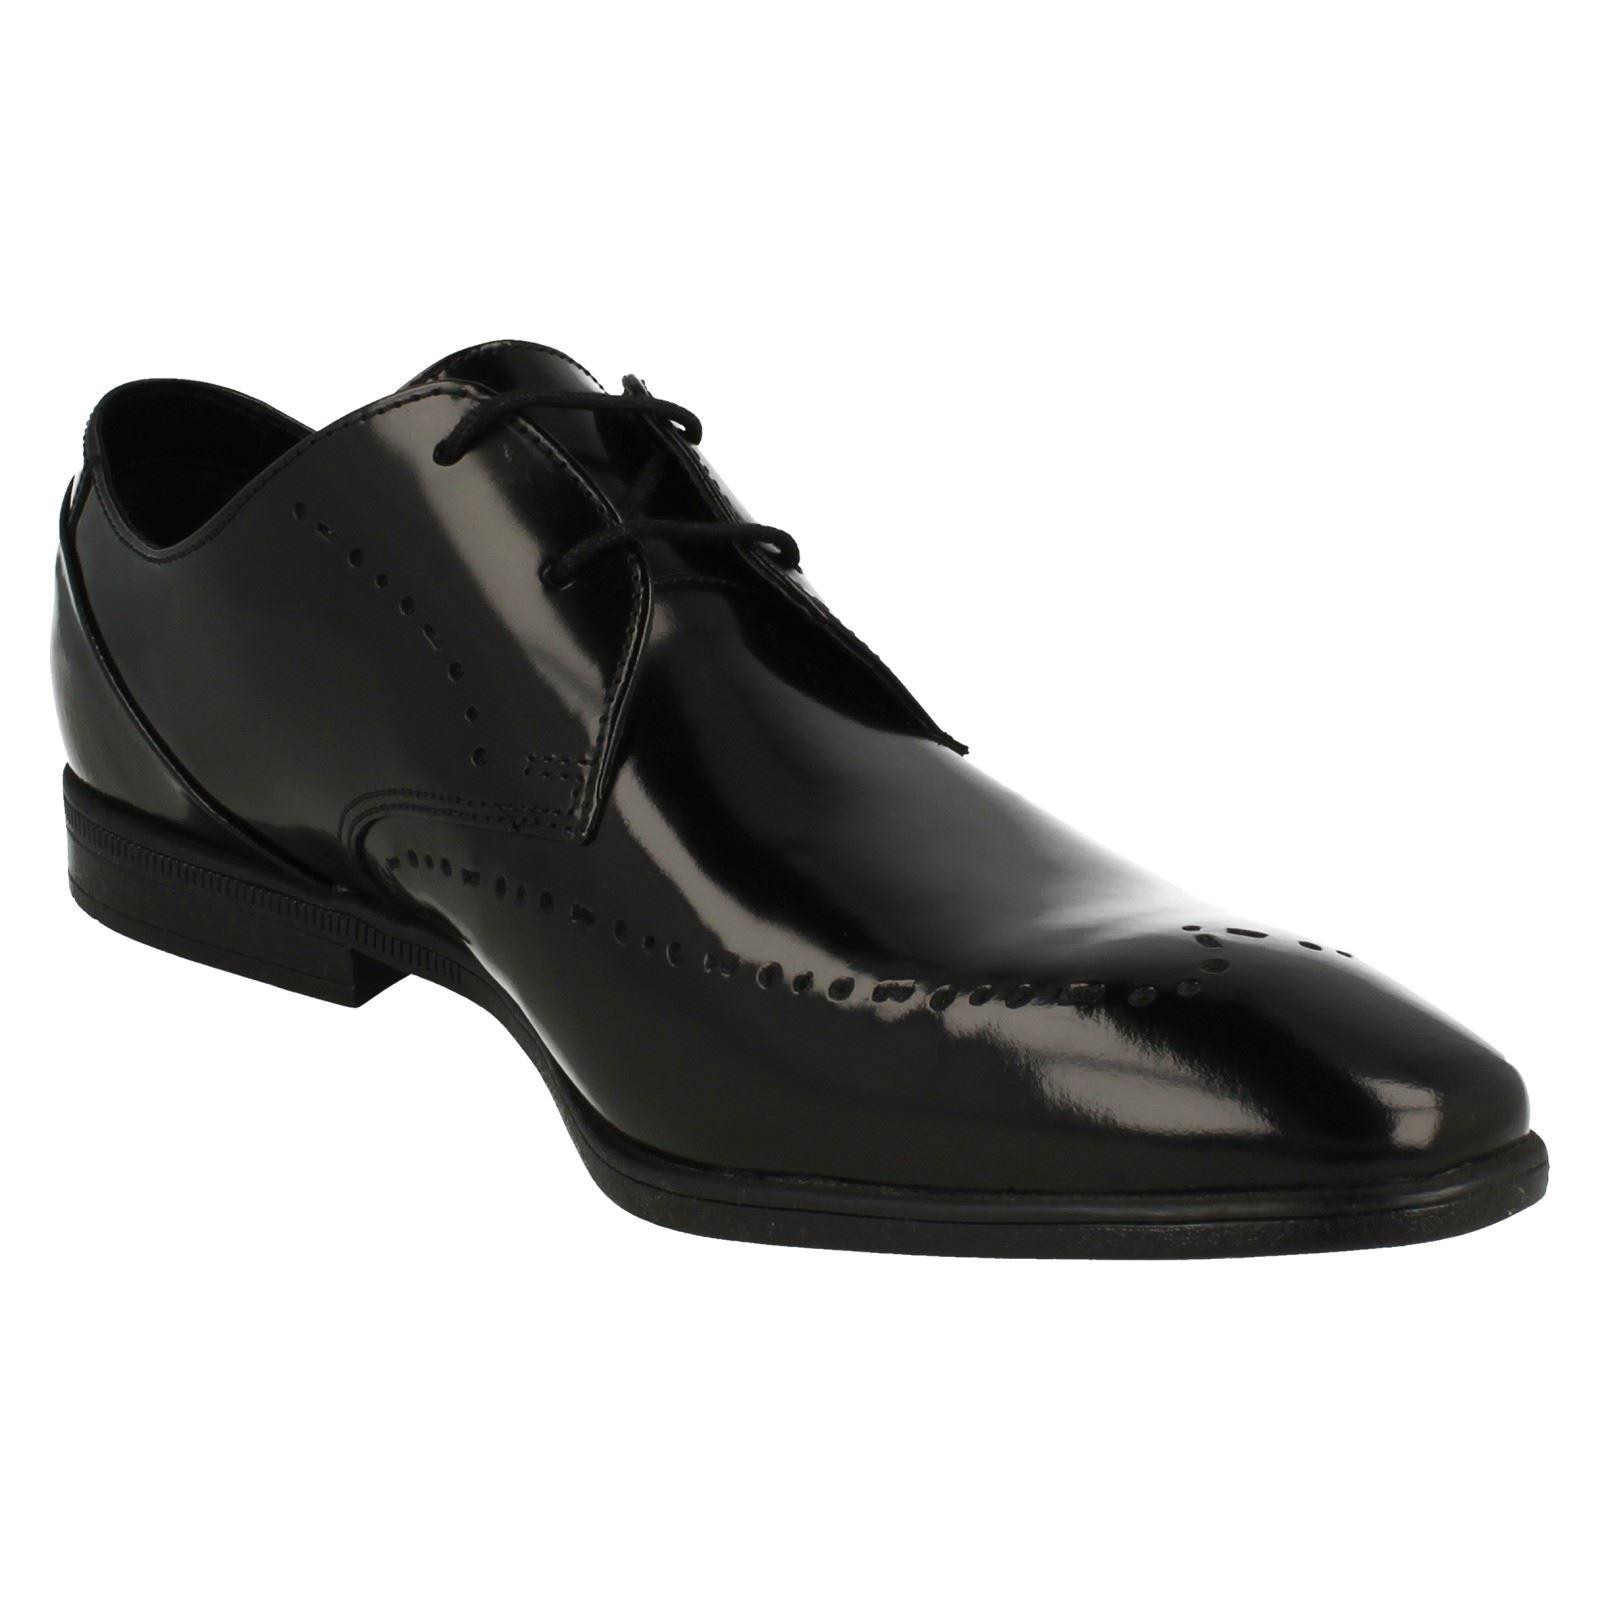 Herren Clarks sich Intelligente Spitzen sich Clarks Schuhe Bampton Limit 7f8a4f